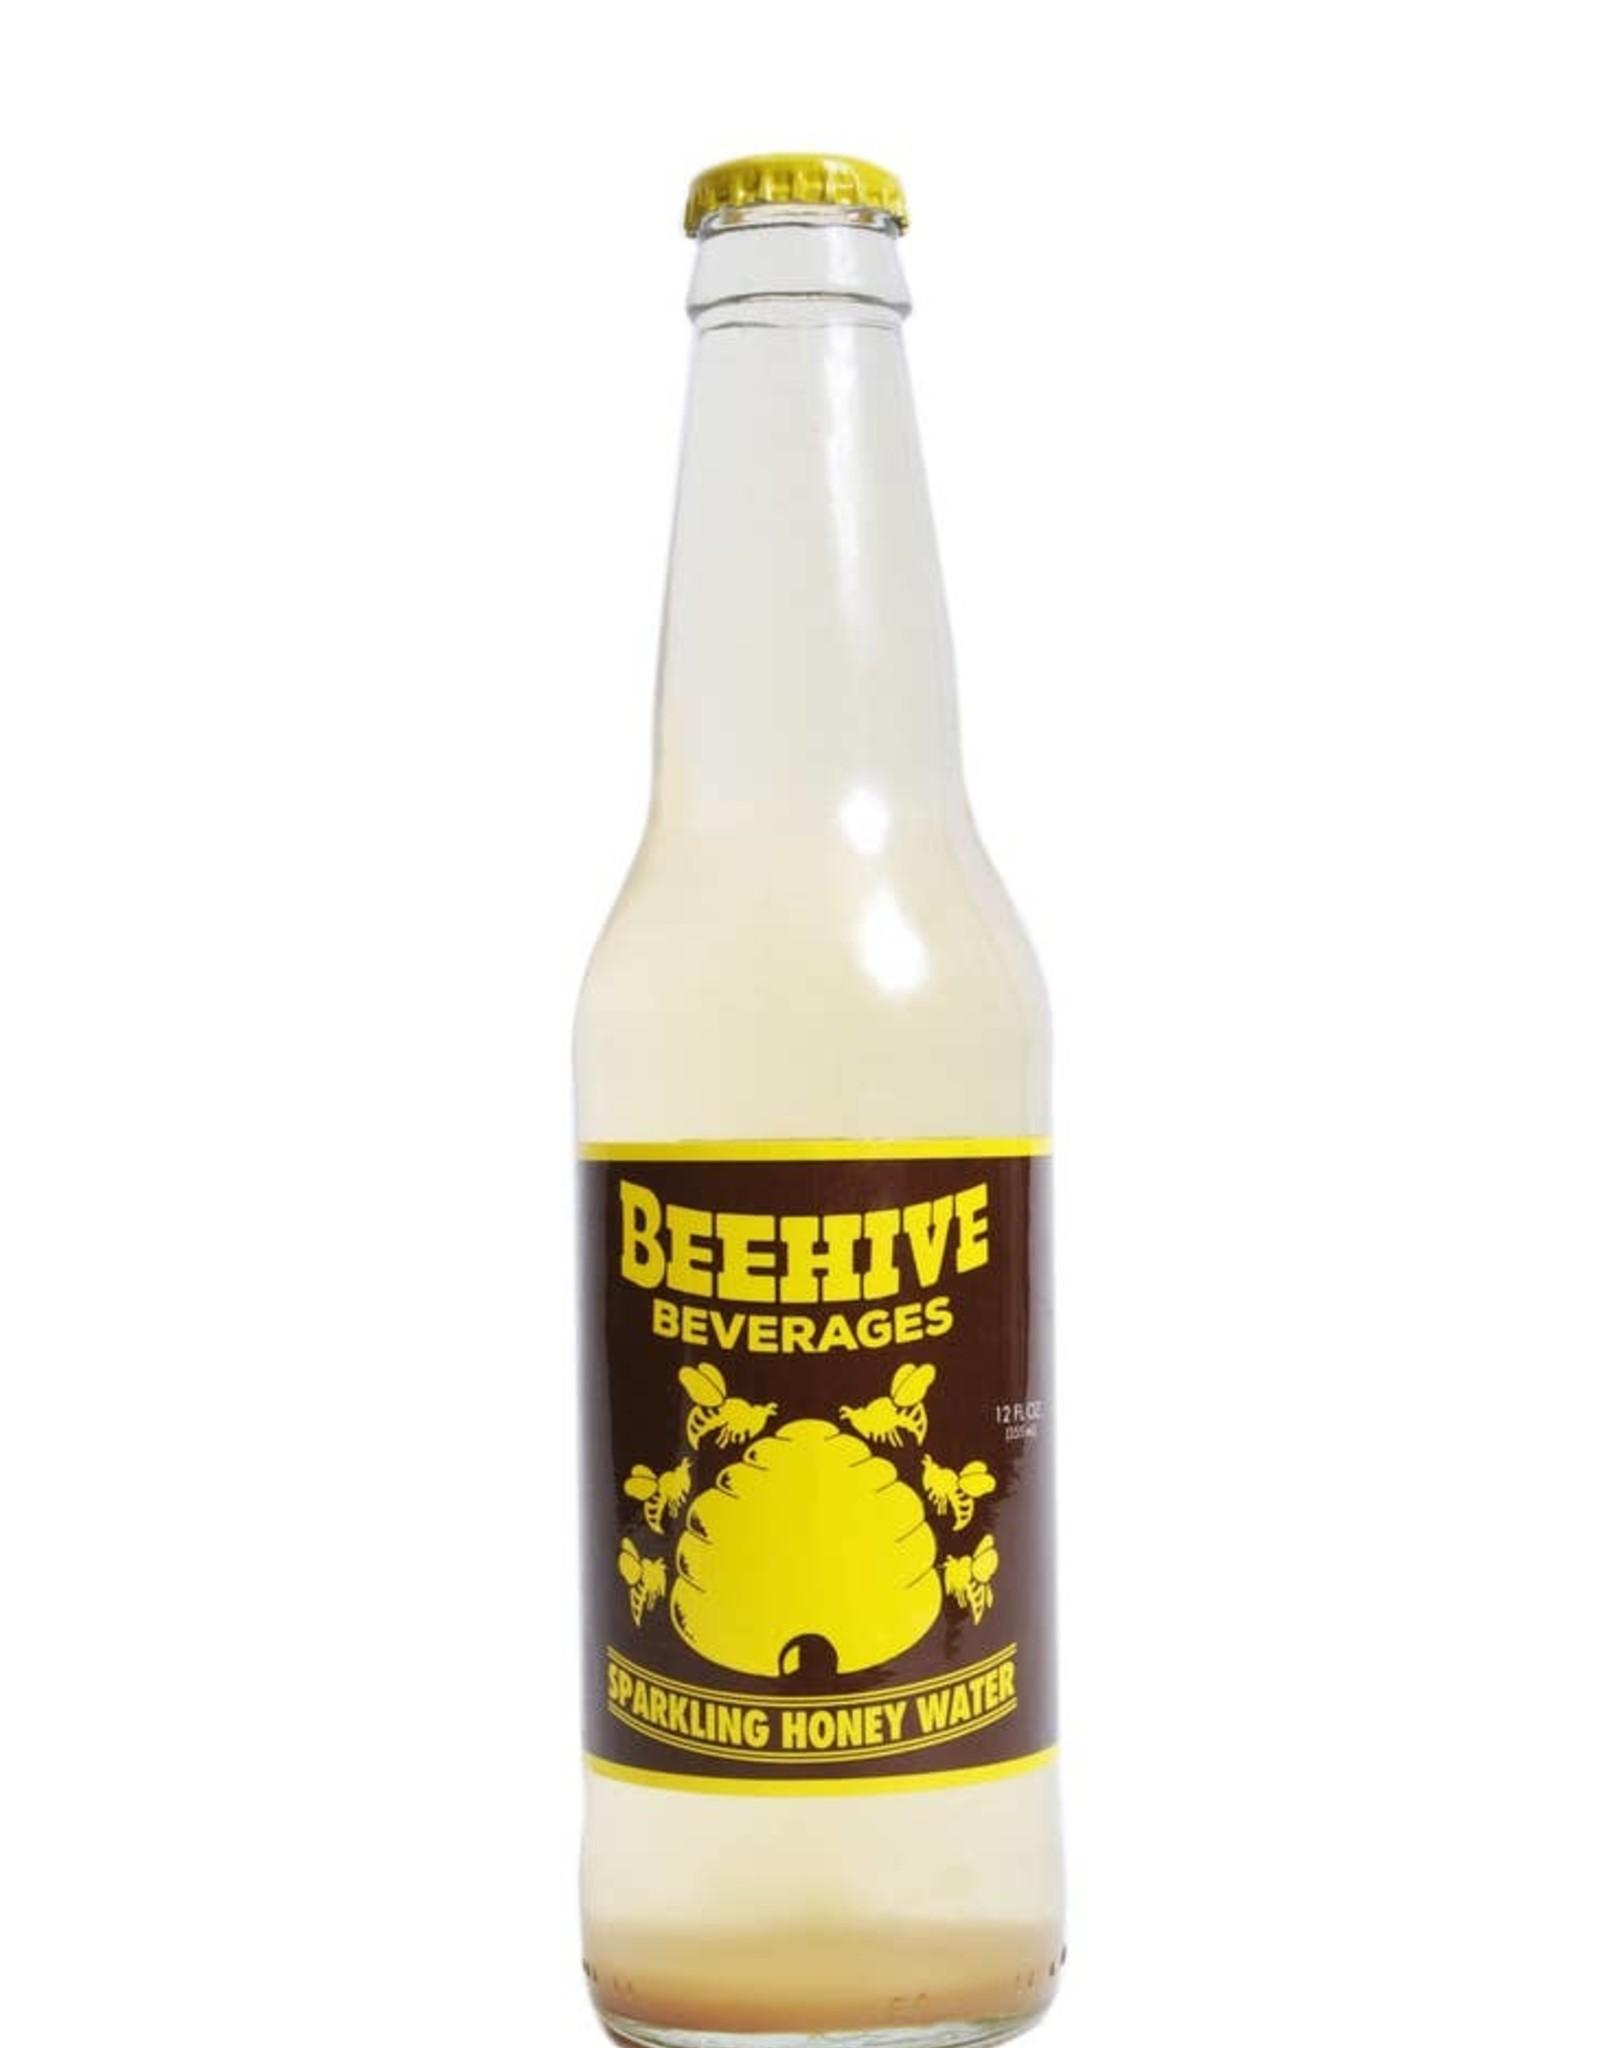 Hilltop Apiaries Beehive Beverages Sparkling Honey Water 12oz